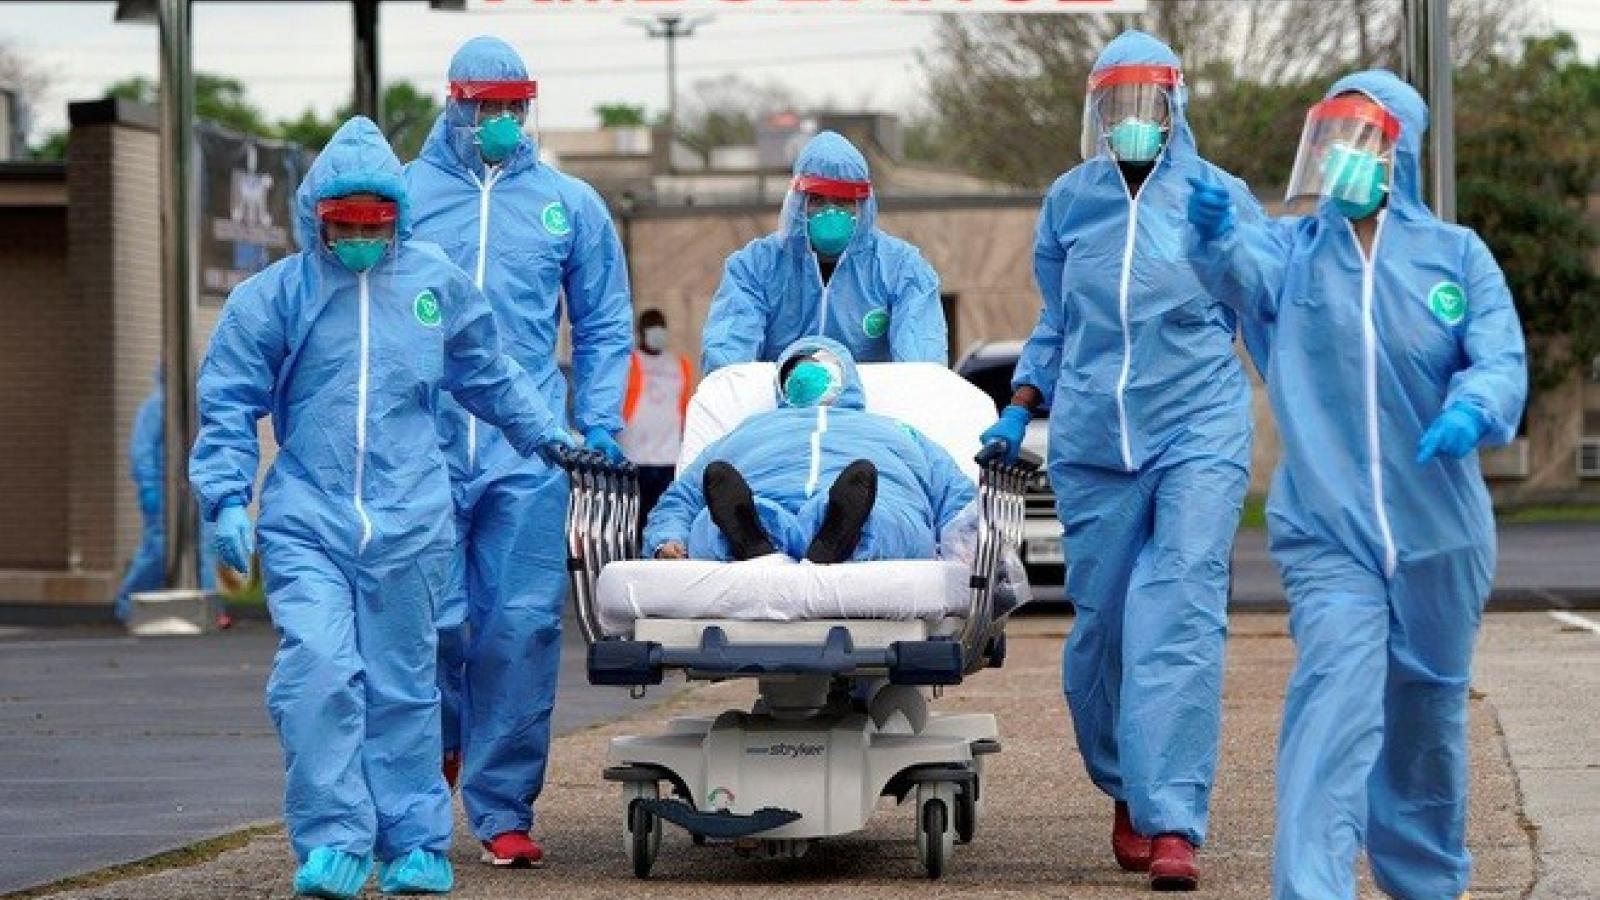 Đi nhà thờ, 180 người ở California (Mỹ) phơi nhiễm virus SARS-CoV-2